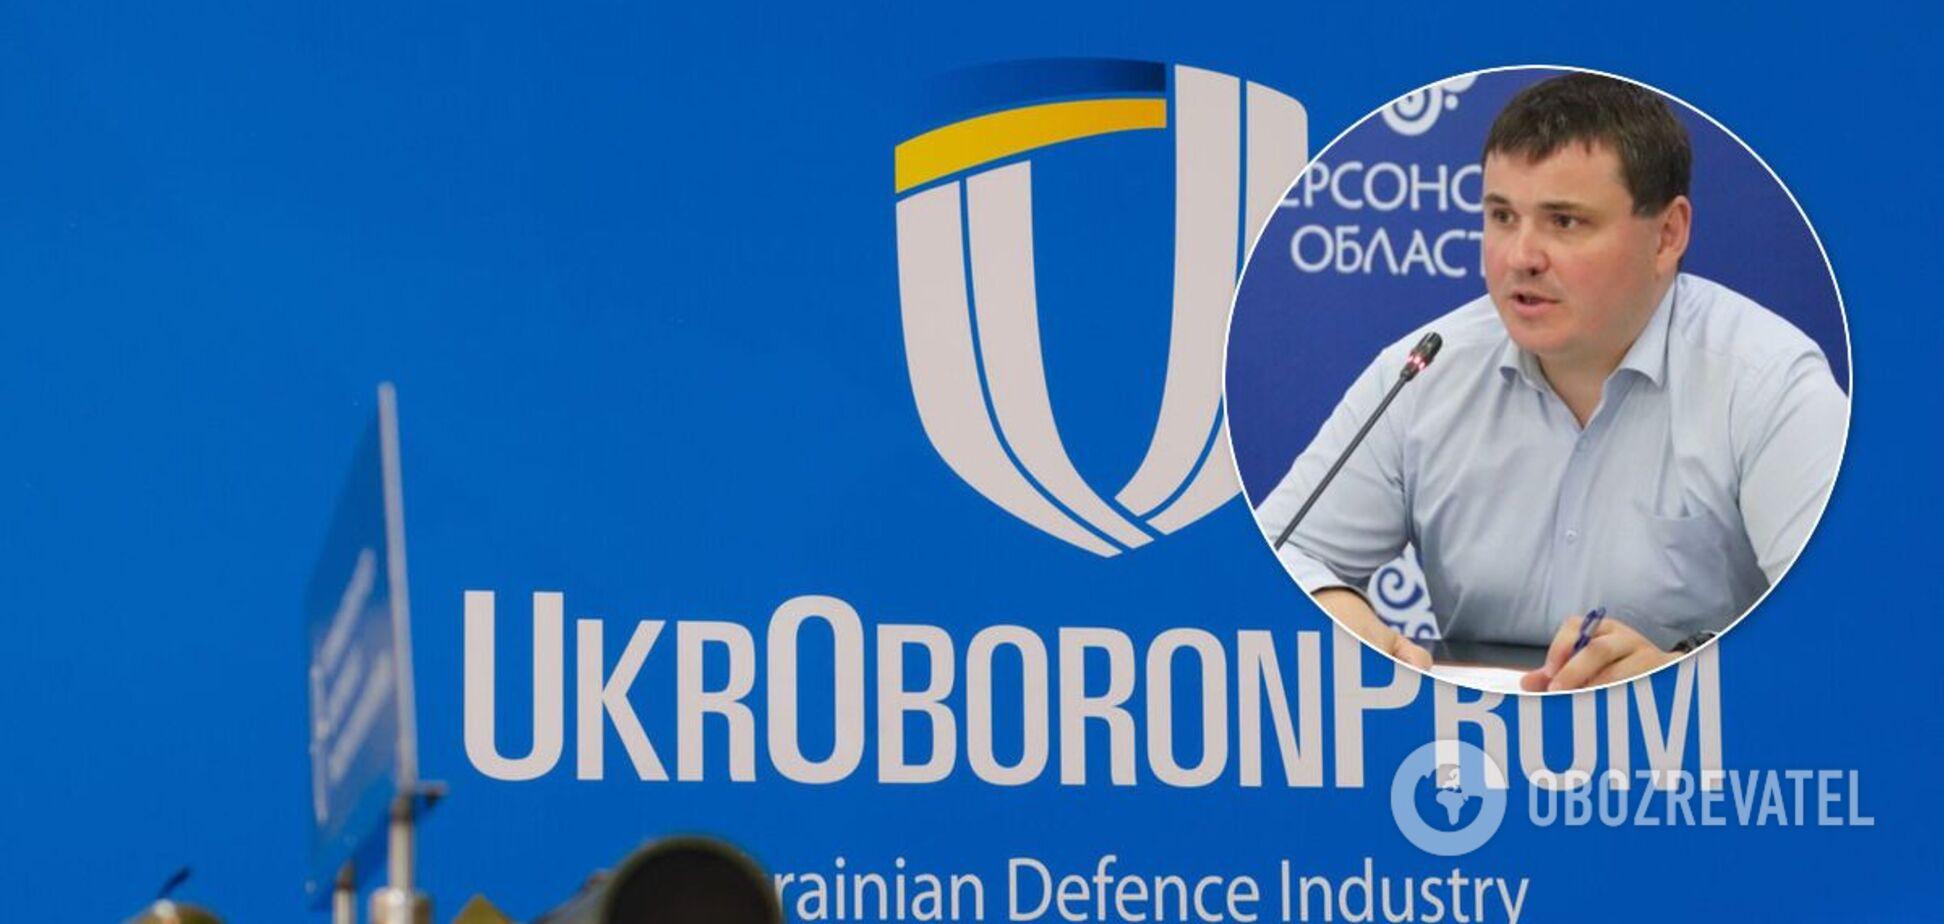 Юрій Гусєв заявив про реформу 'Укроборнопрому'